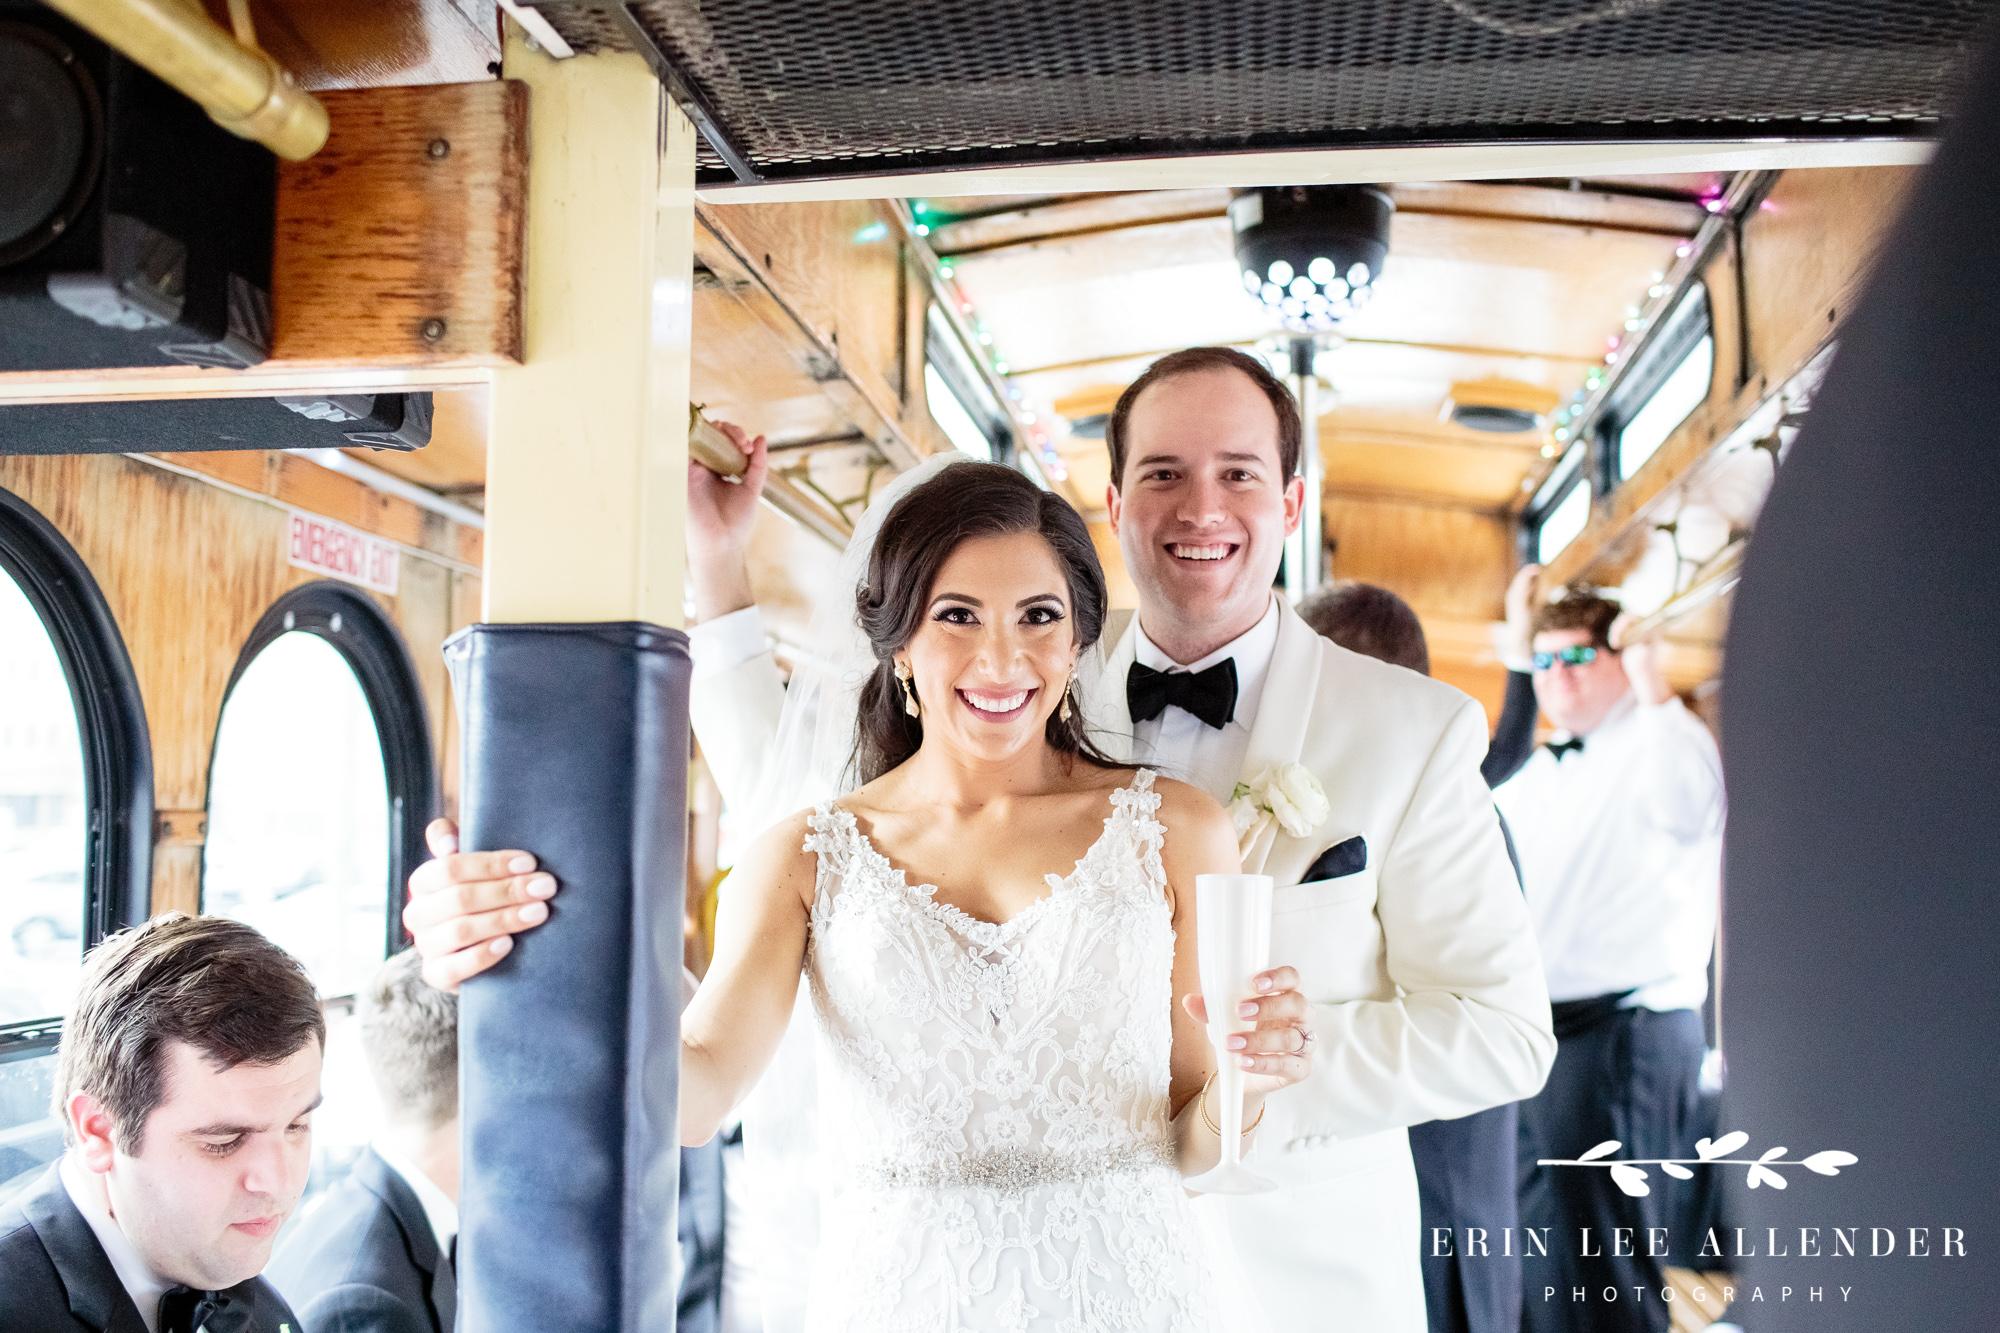 bride-groom-on-trolley